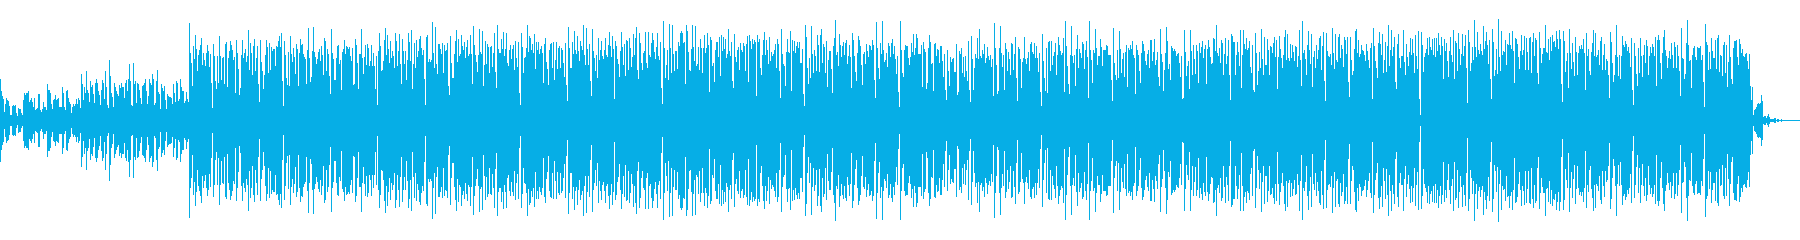 House track 01の再生済みの波形